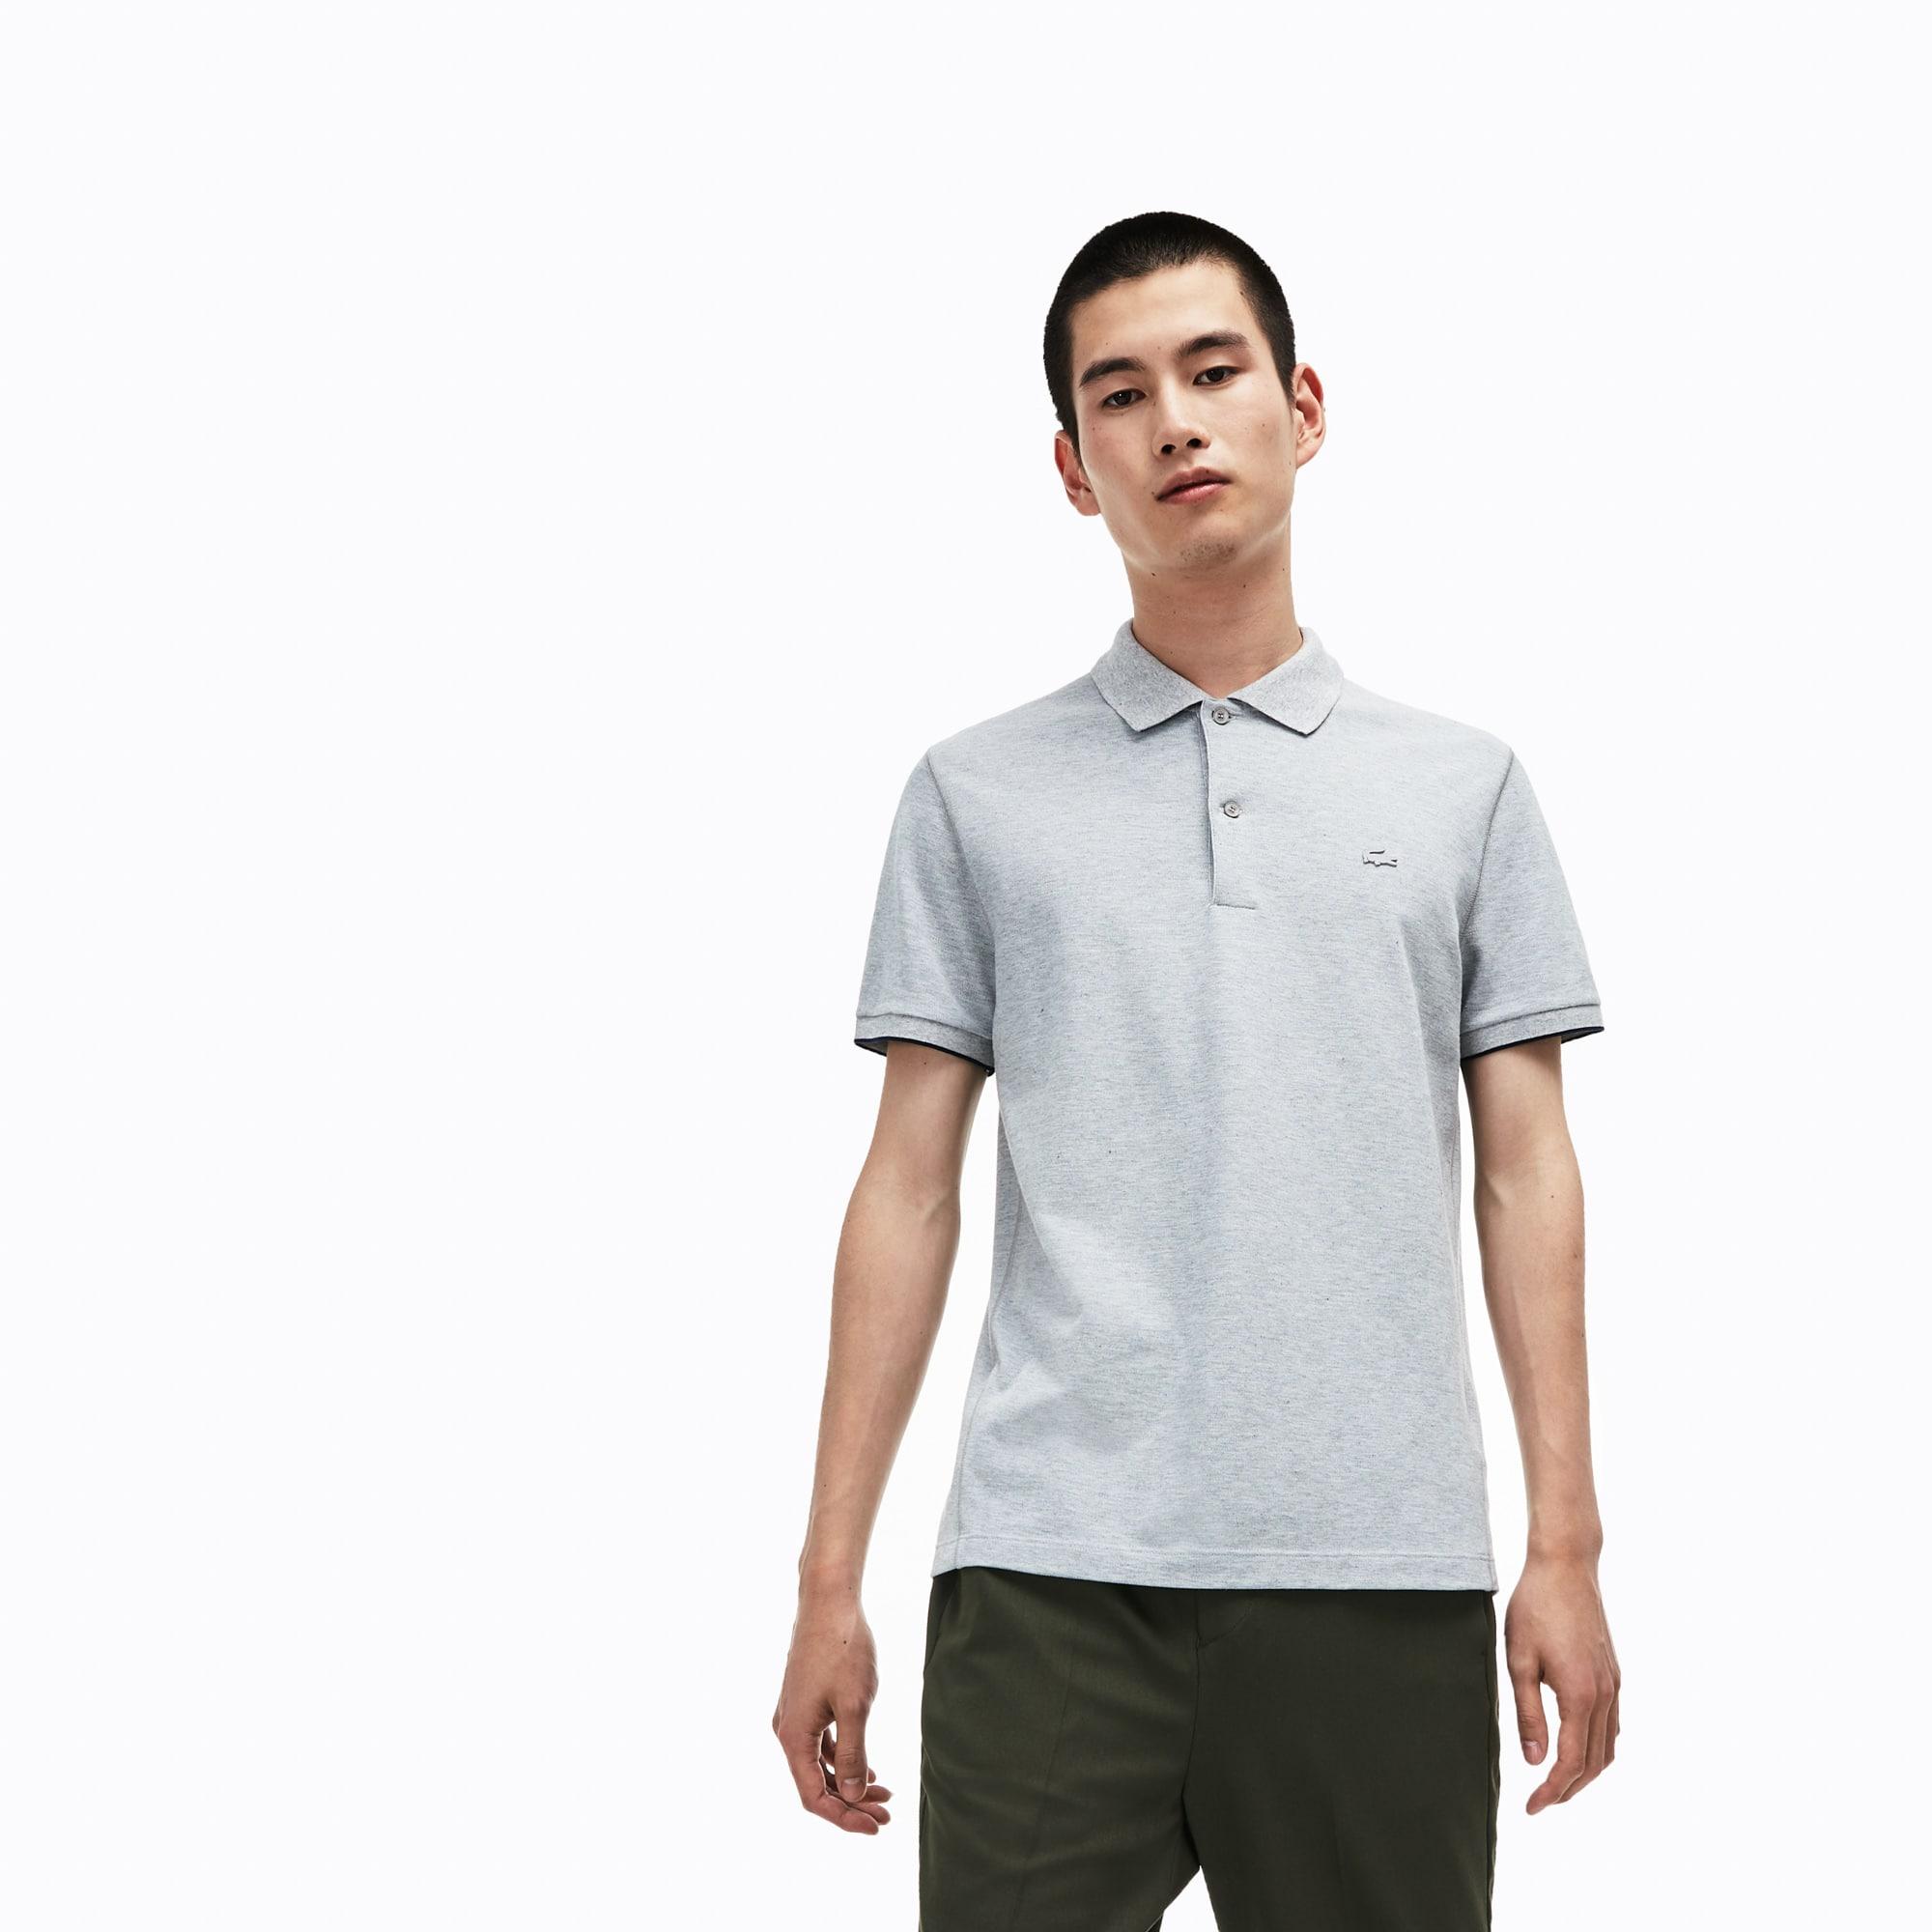 Lacoste - LACOSTE Regular Fit Herren-Poloshirt aus funktionellem Petit-Piqué - 1